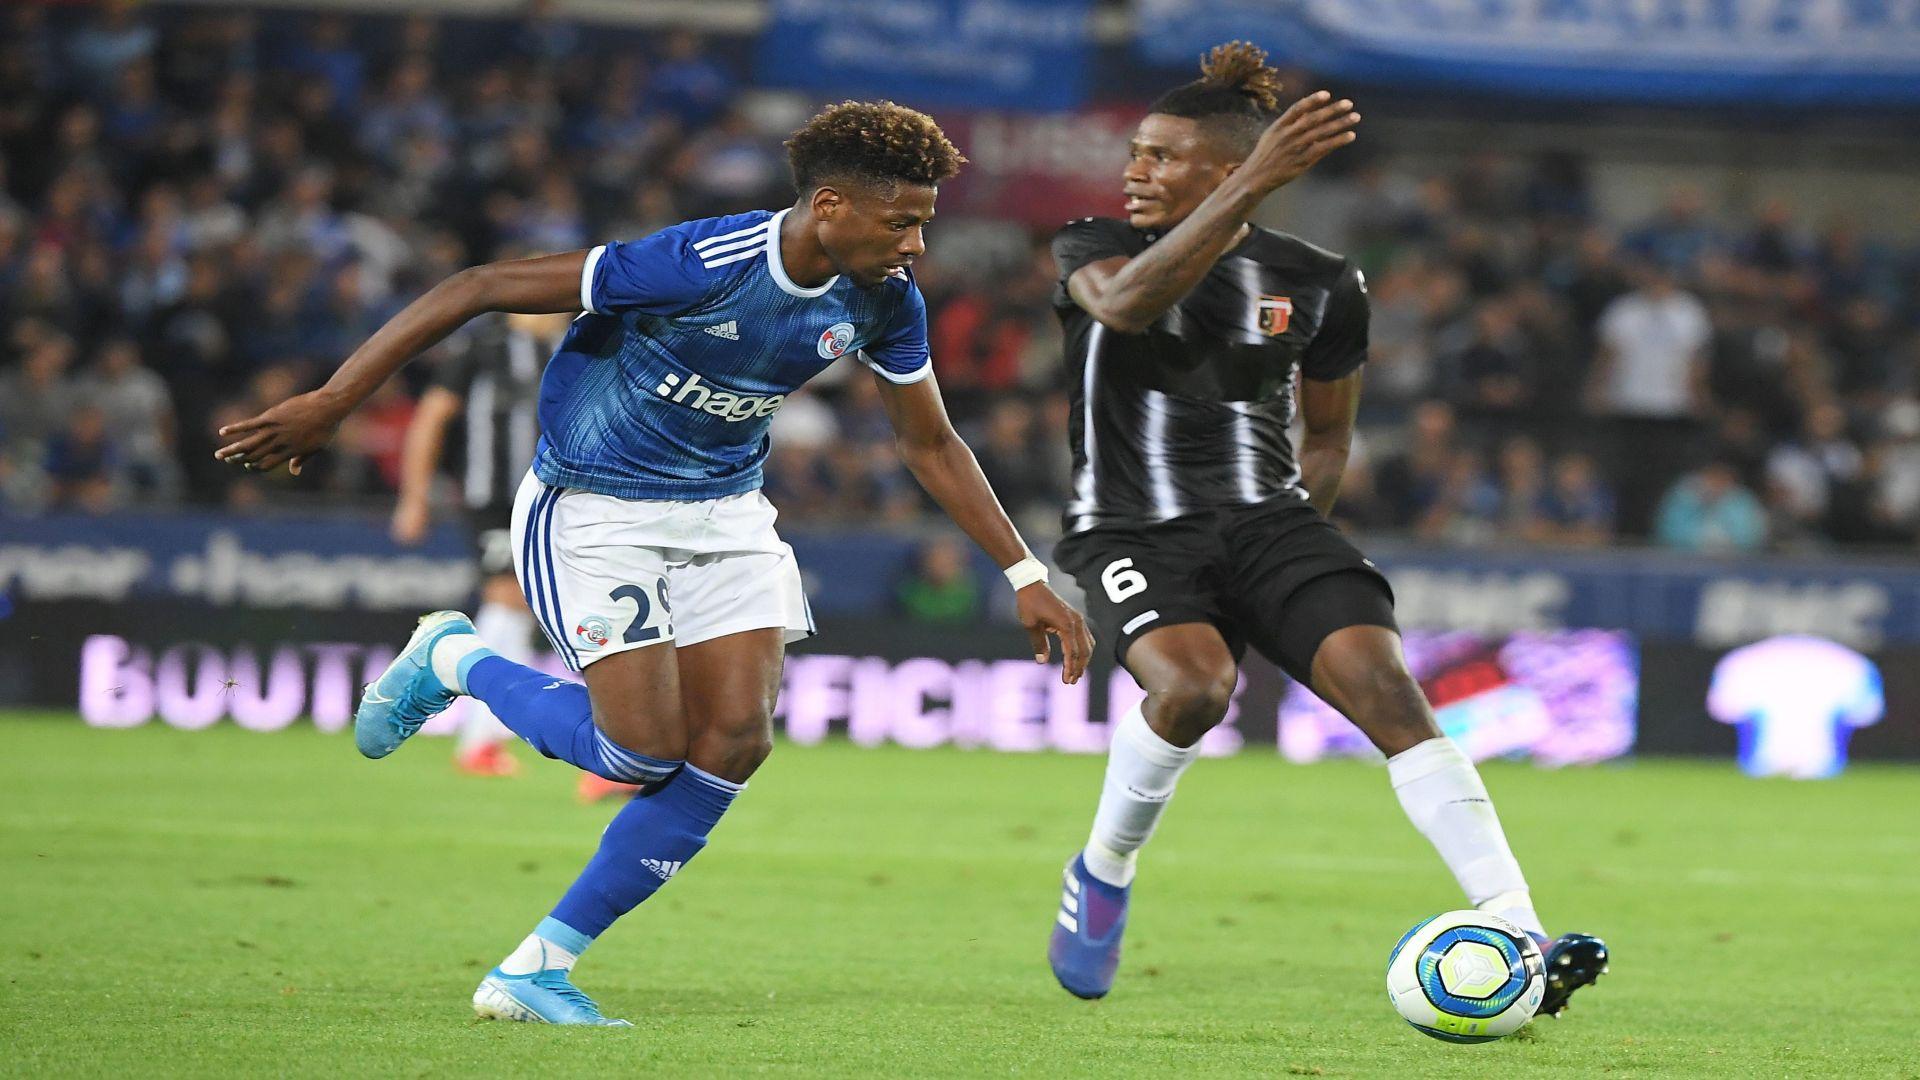 Strasbourg-Lokomotiv Plovdiv 1-0, ça passe pour le RCS après un nouveau succès à la maison